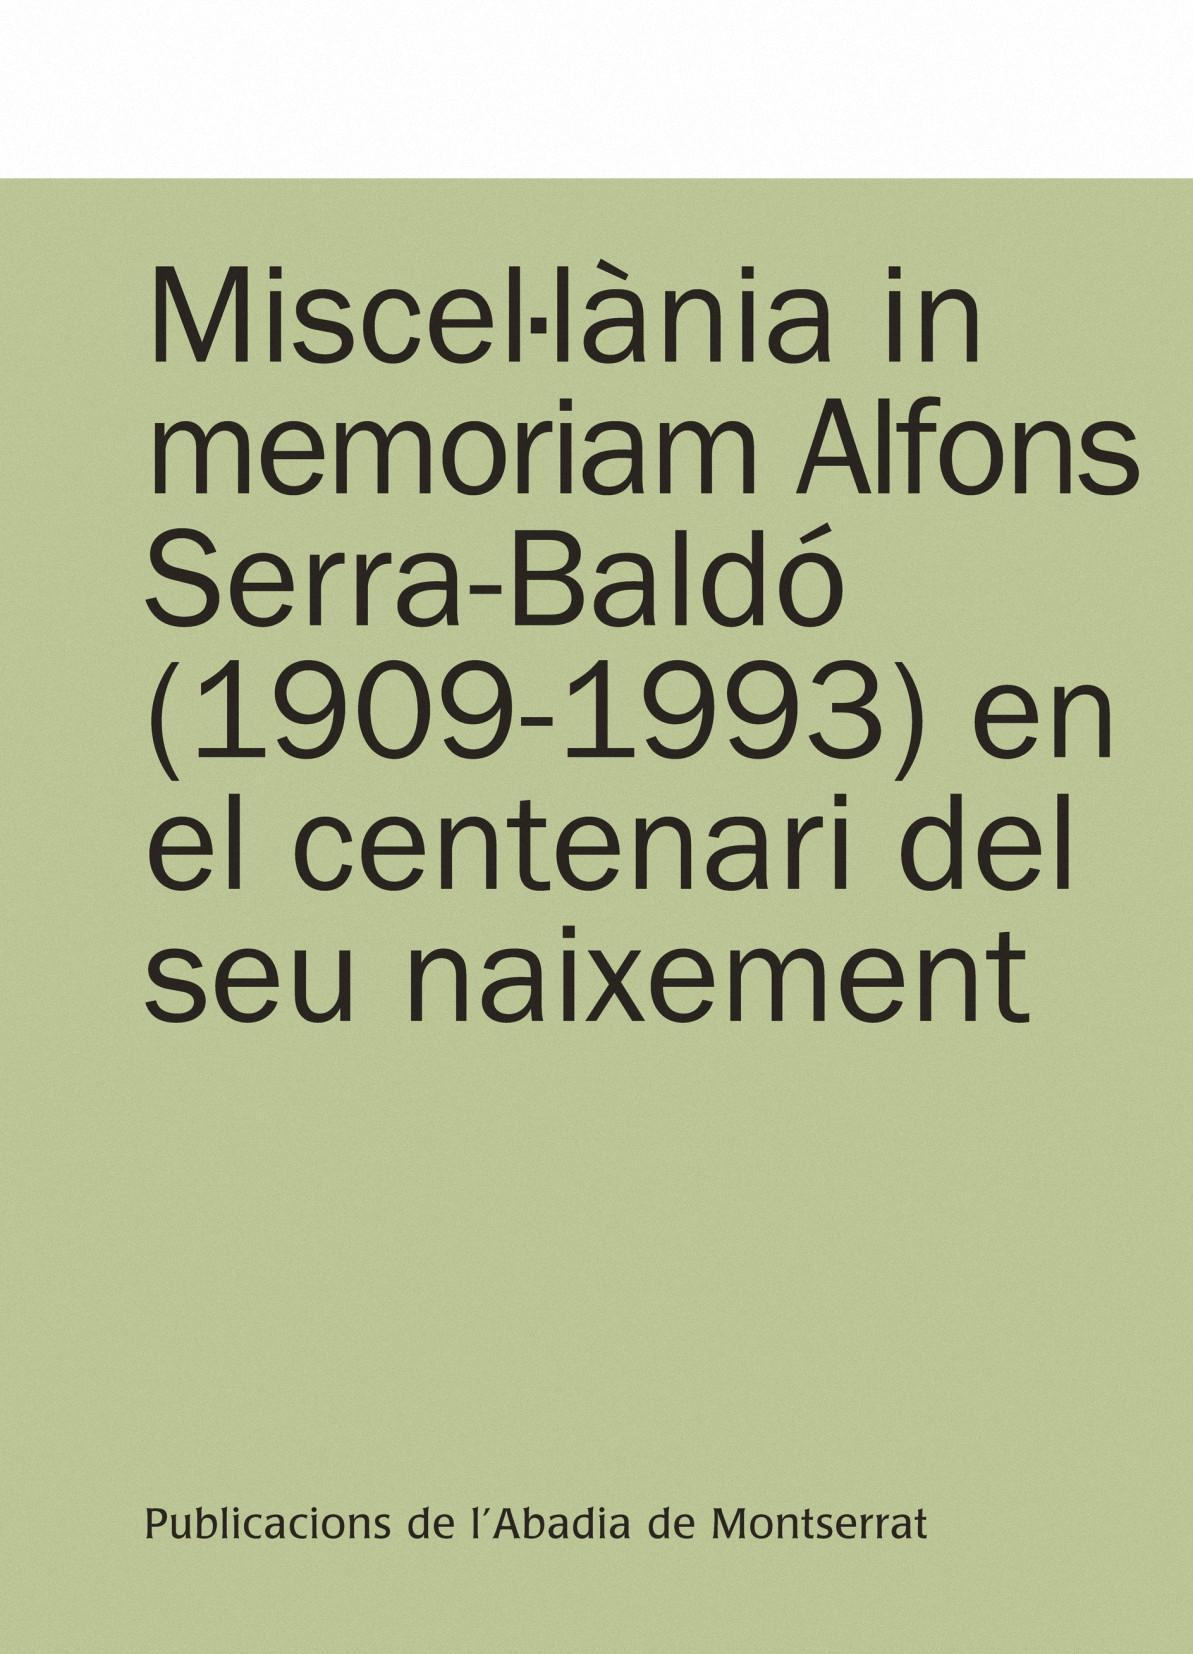 MISCEL·LÀNIA IN MEMORIAM ALFONS SERRA-BALDÓ, 1909-1993, EN EL CENTENARI DEL SEU NAIXEMENT